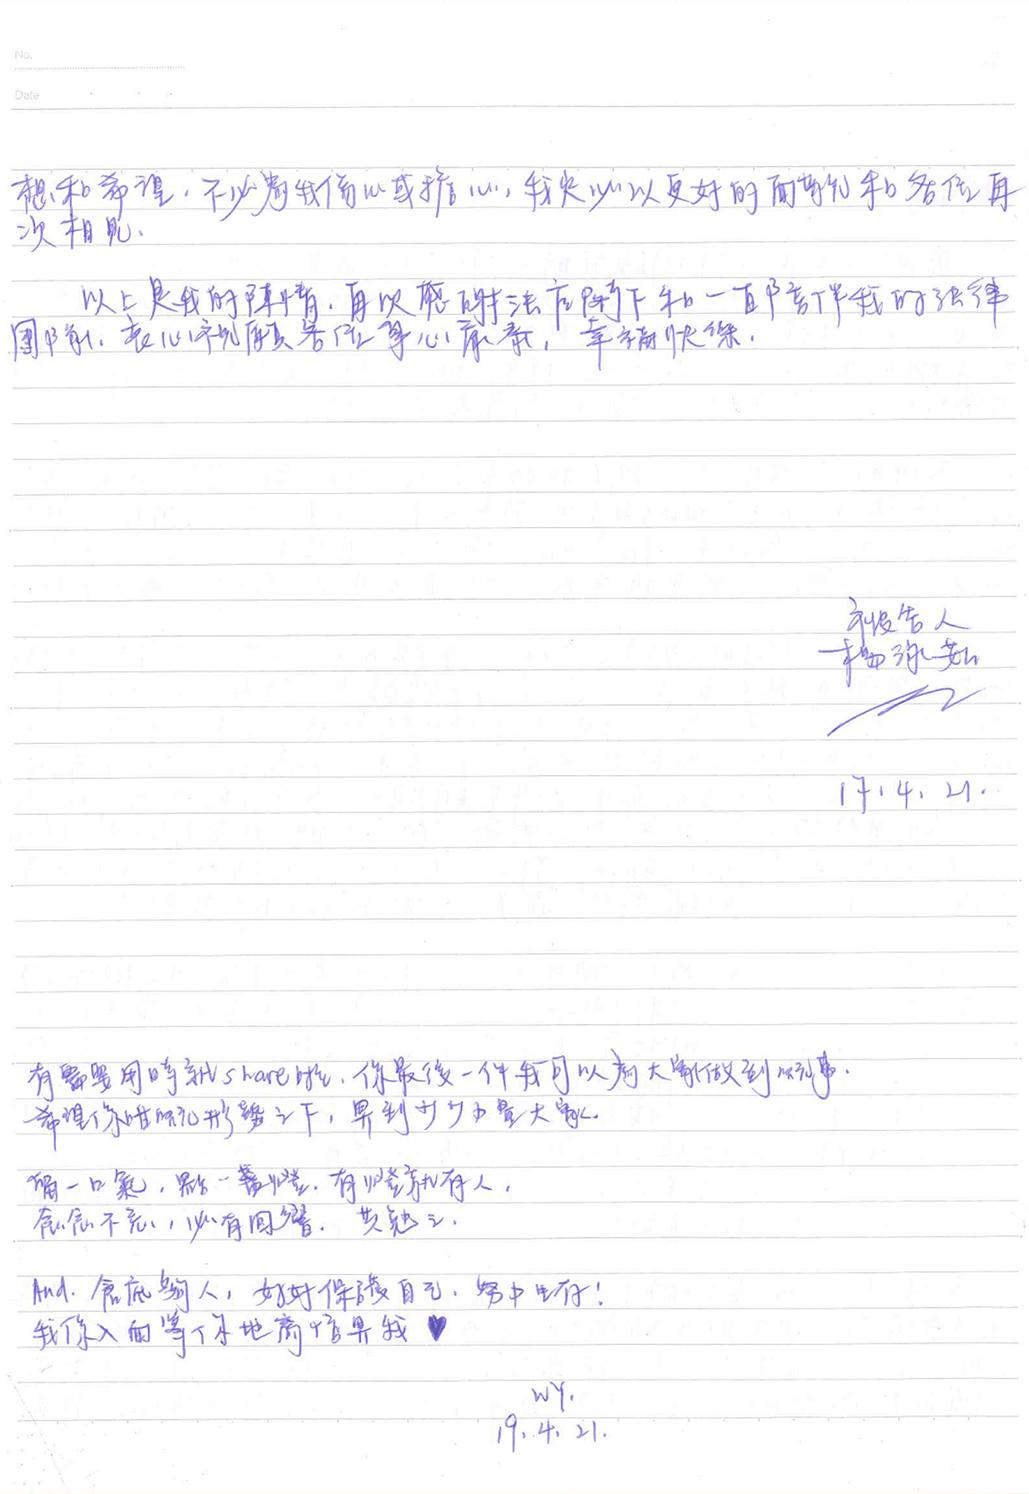 楊泳茹求情信全文第二頁(楊泳茹提供)